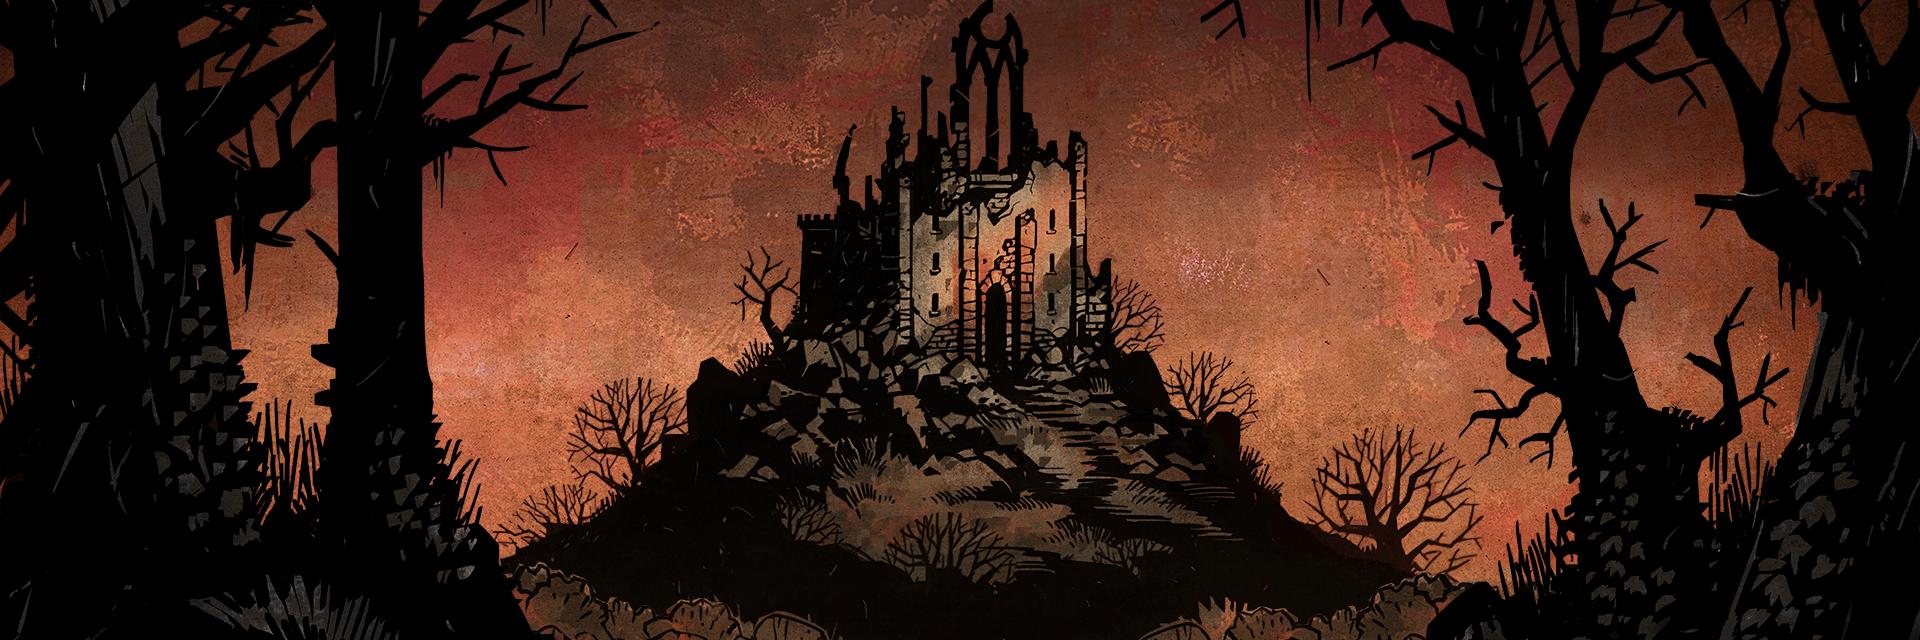 Mi verano en Darkest Dungeon